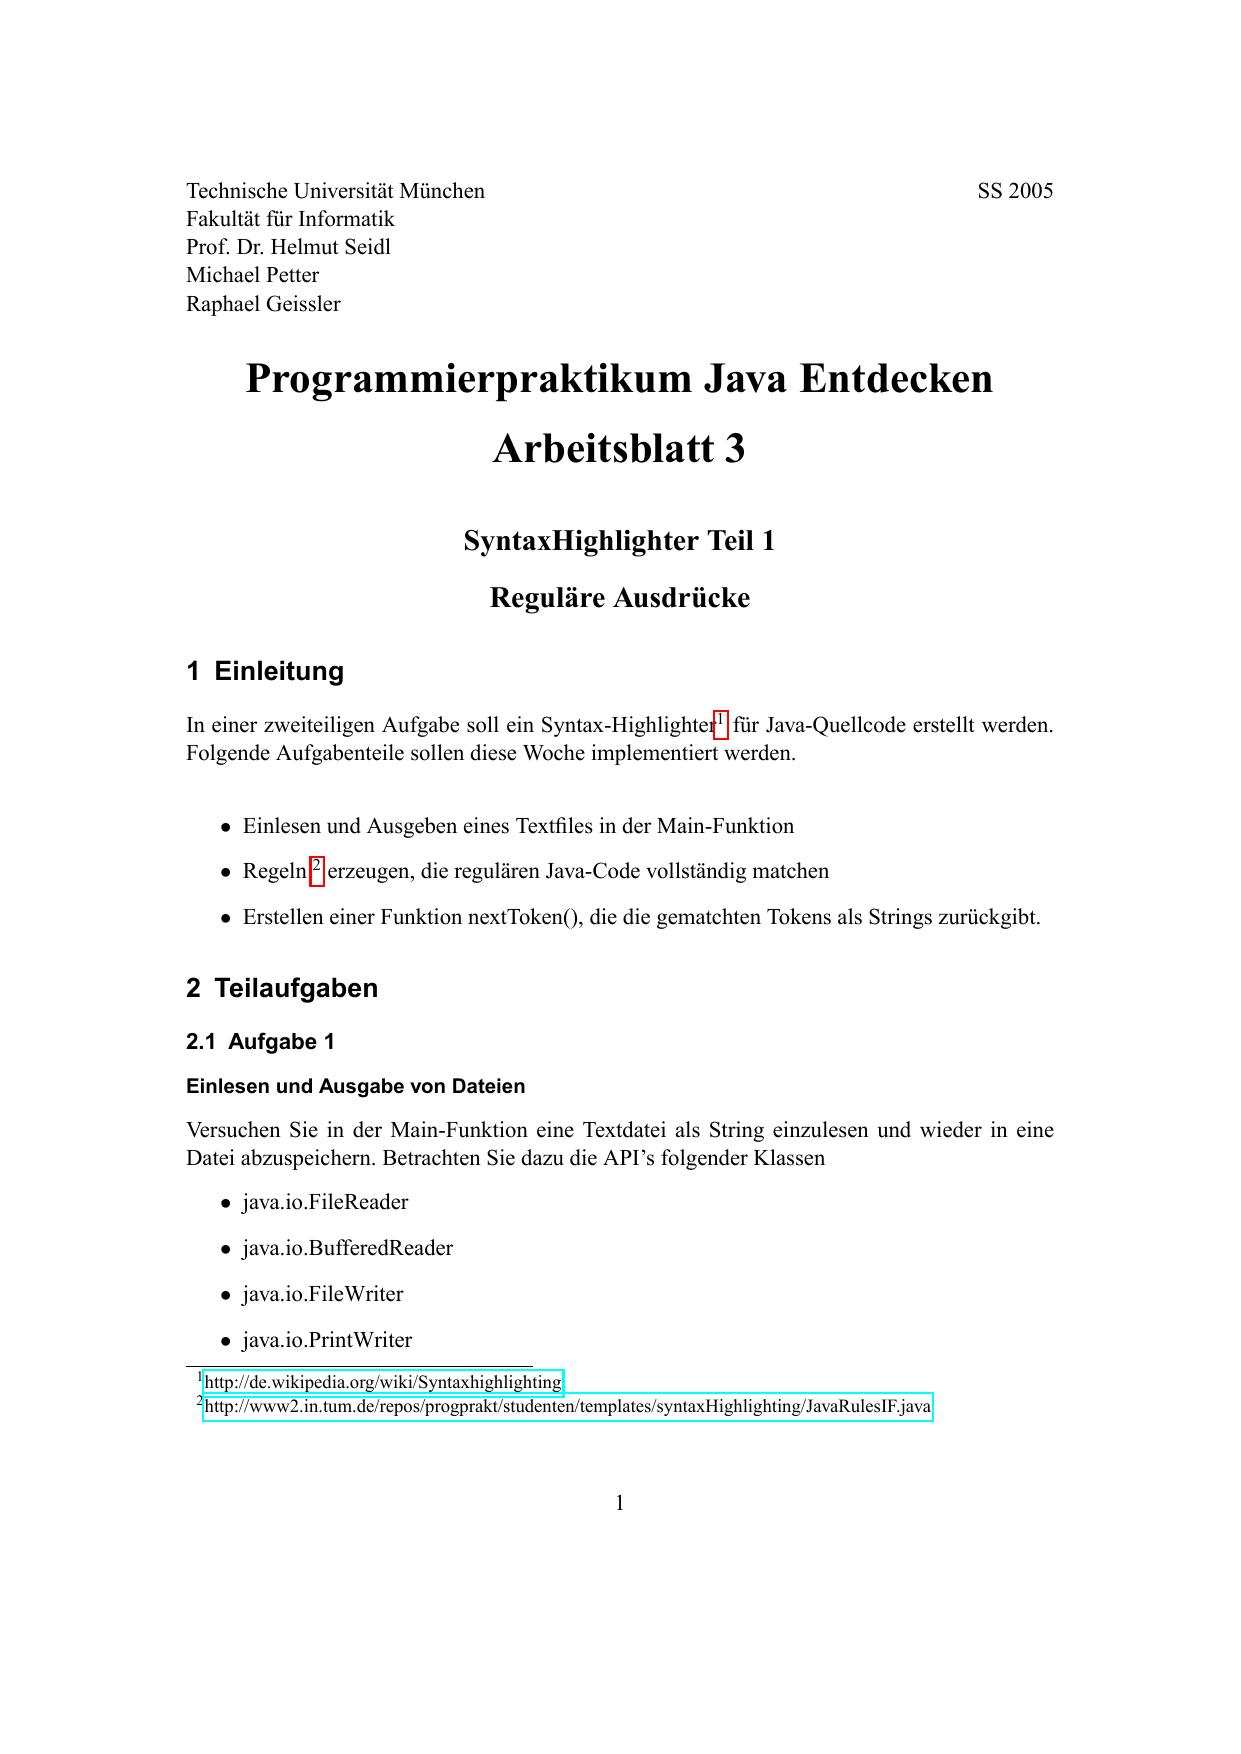 Großzügig Homonyme Arbeitsblatt Für Grad 3 Zeitgenössisch - Super ...